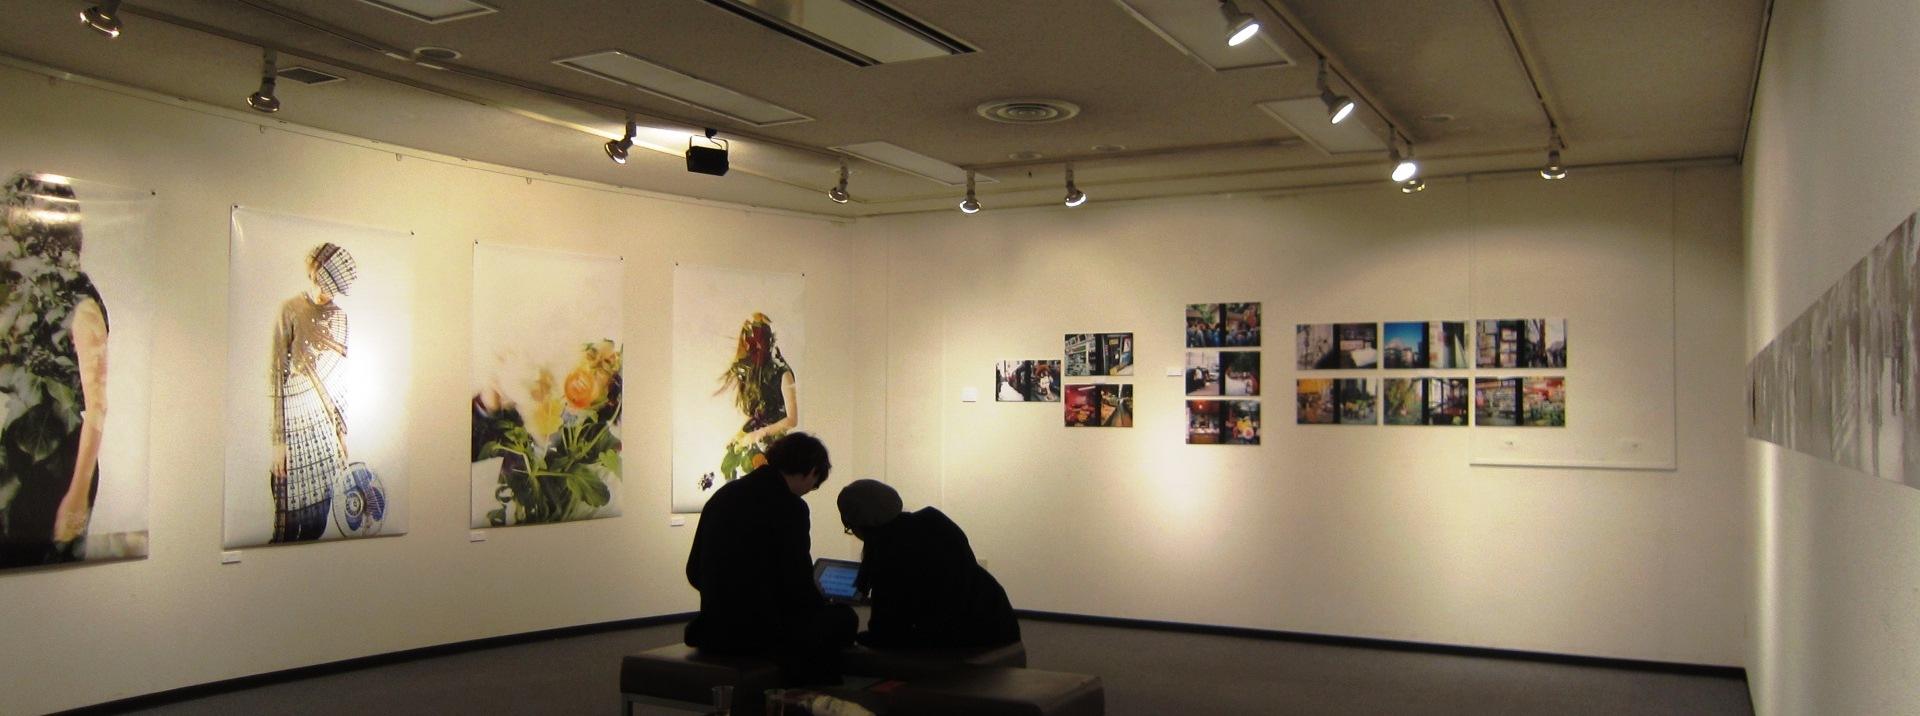 2491)「第3回丸島企画展『群青』 に寄せて」_f0126829_9523759.jpg